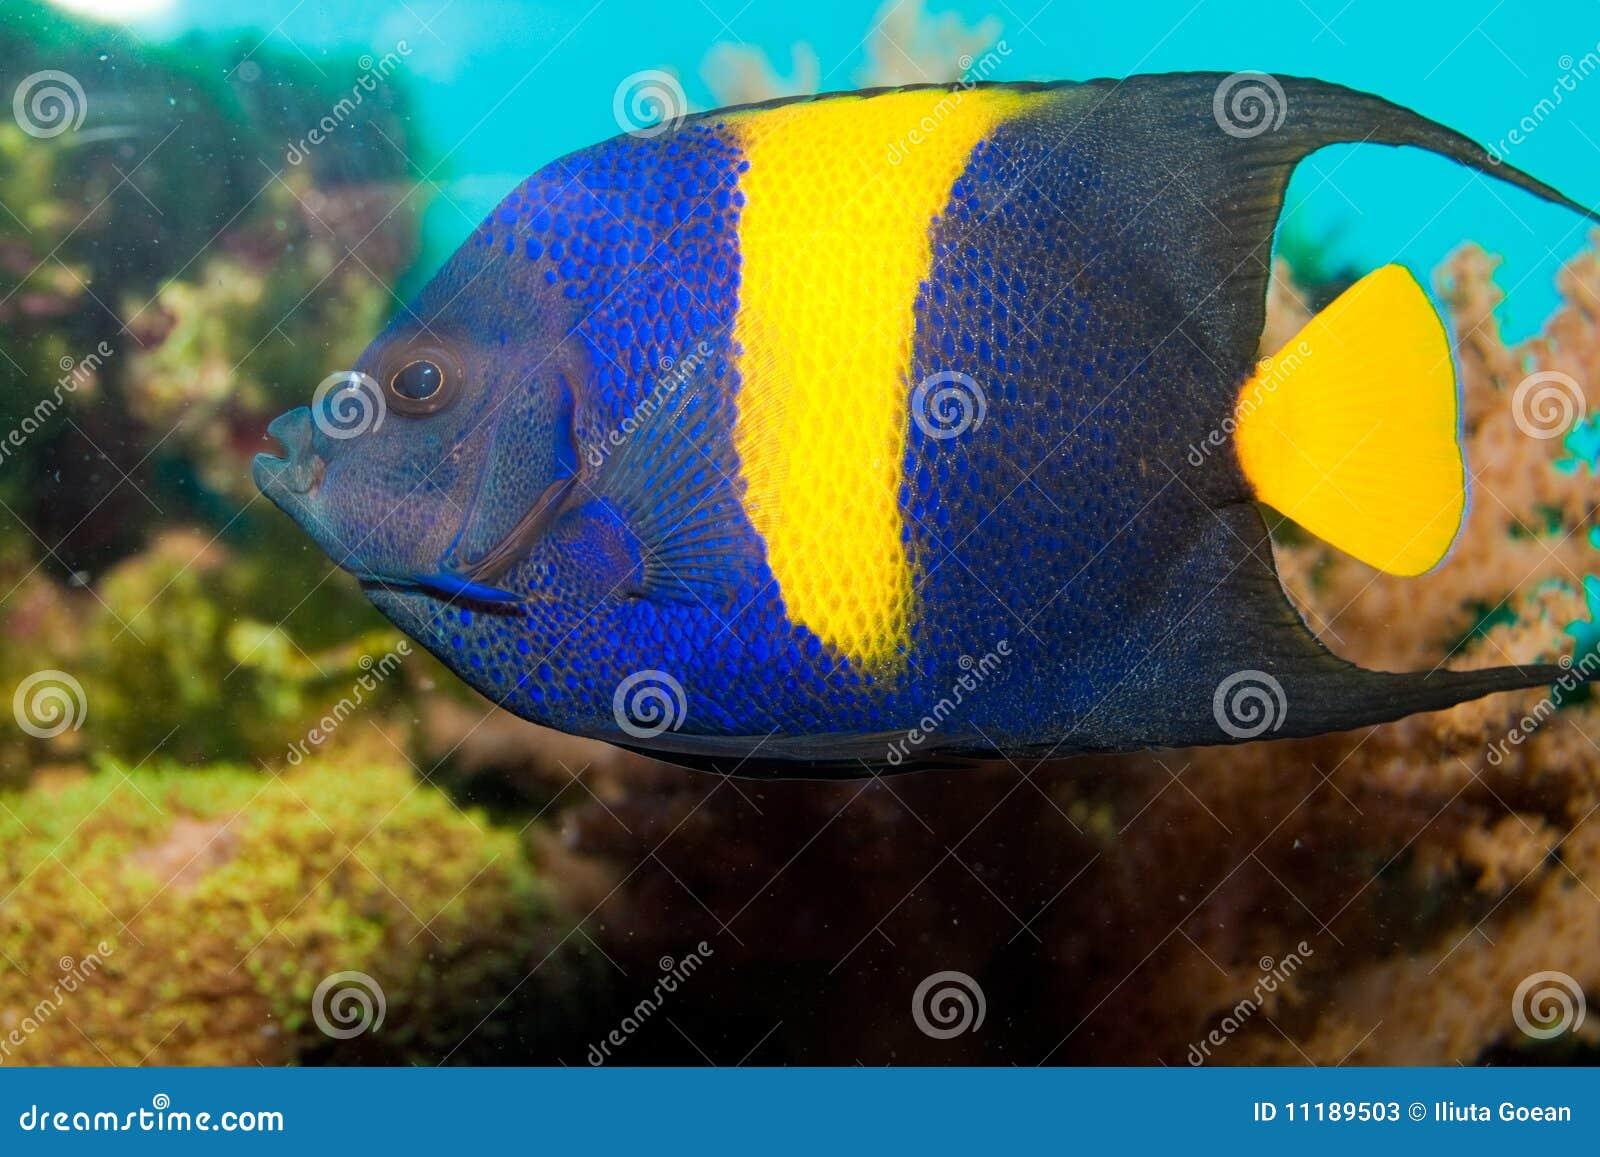 Yellow-Bar or Half Moon Angelfish